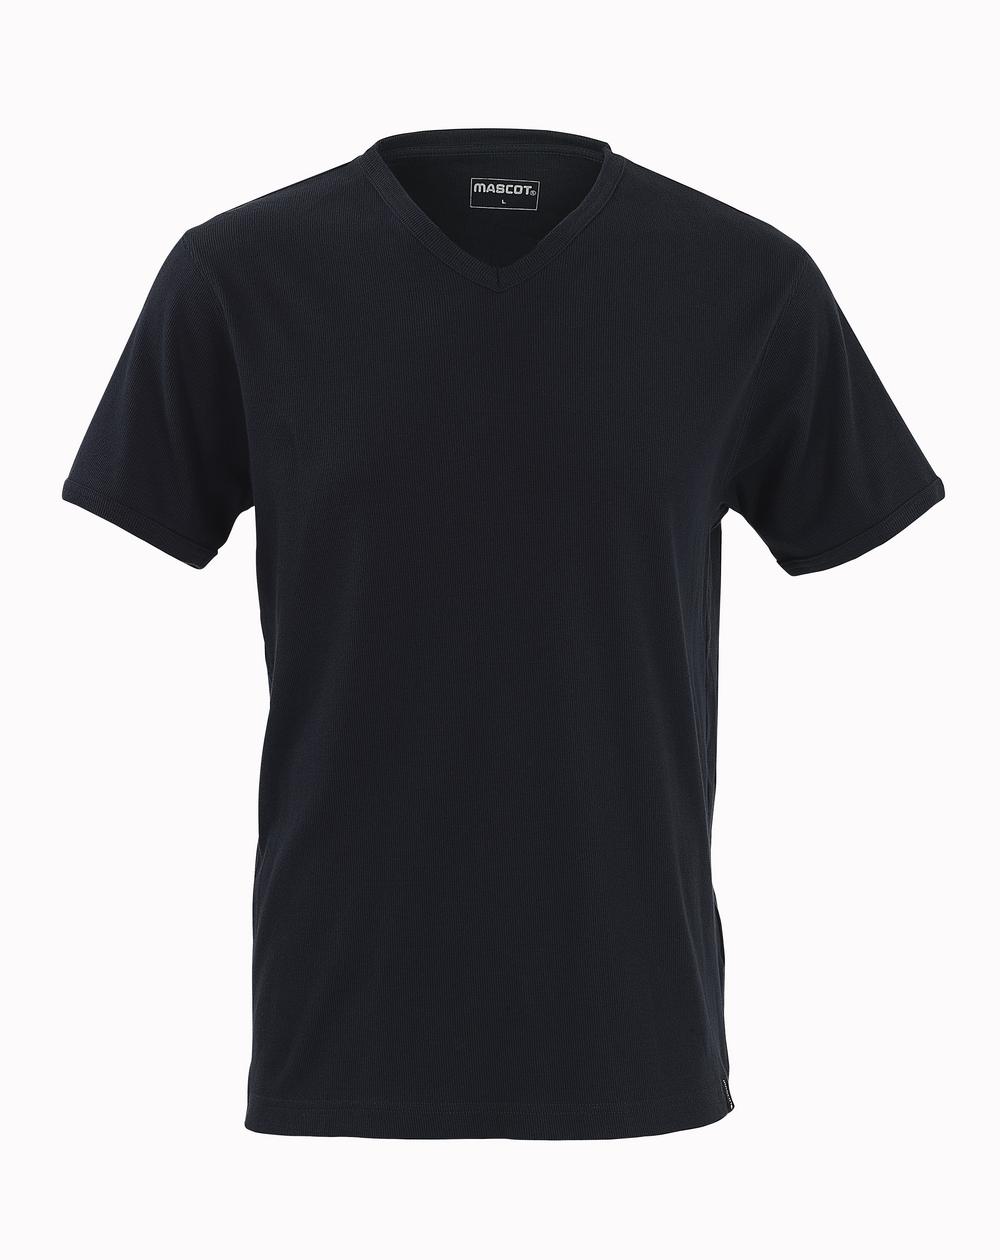 50401-865-010 T-Shirt - Schwarzblau